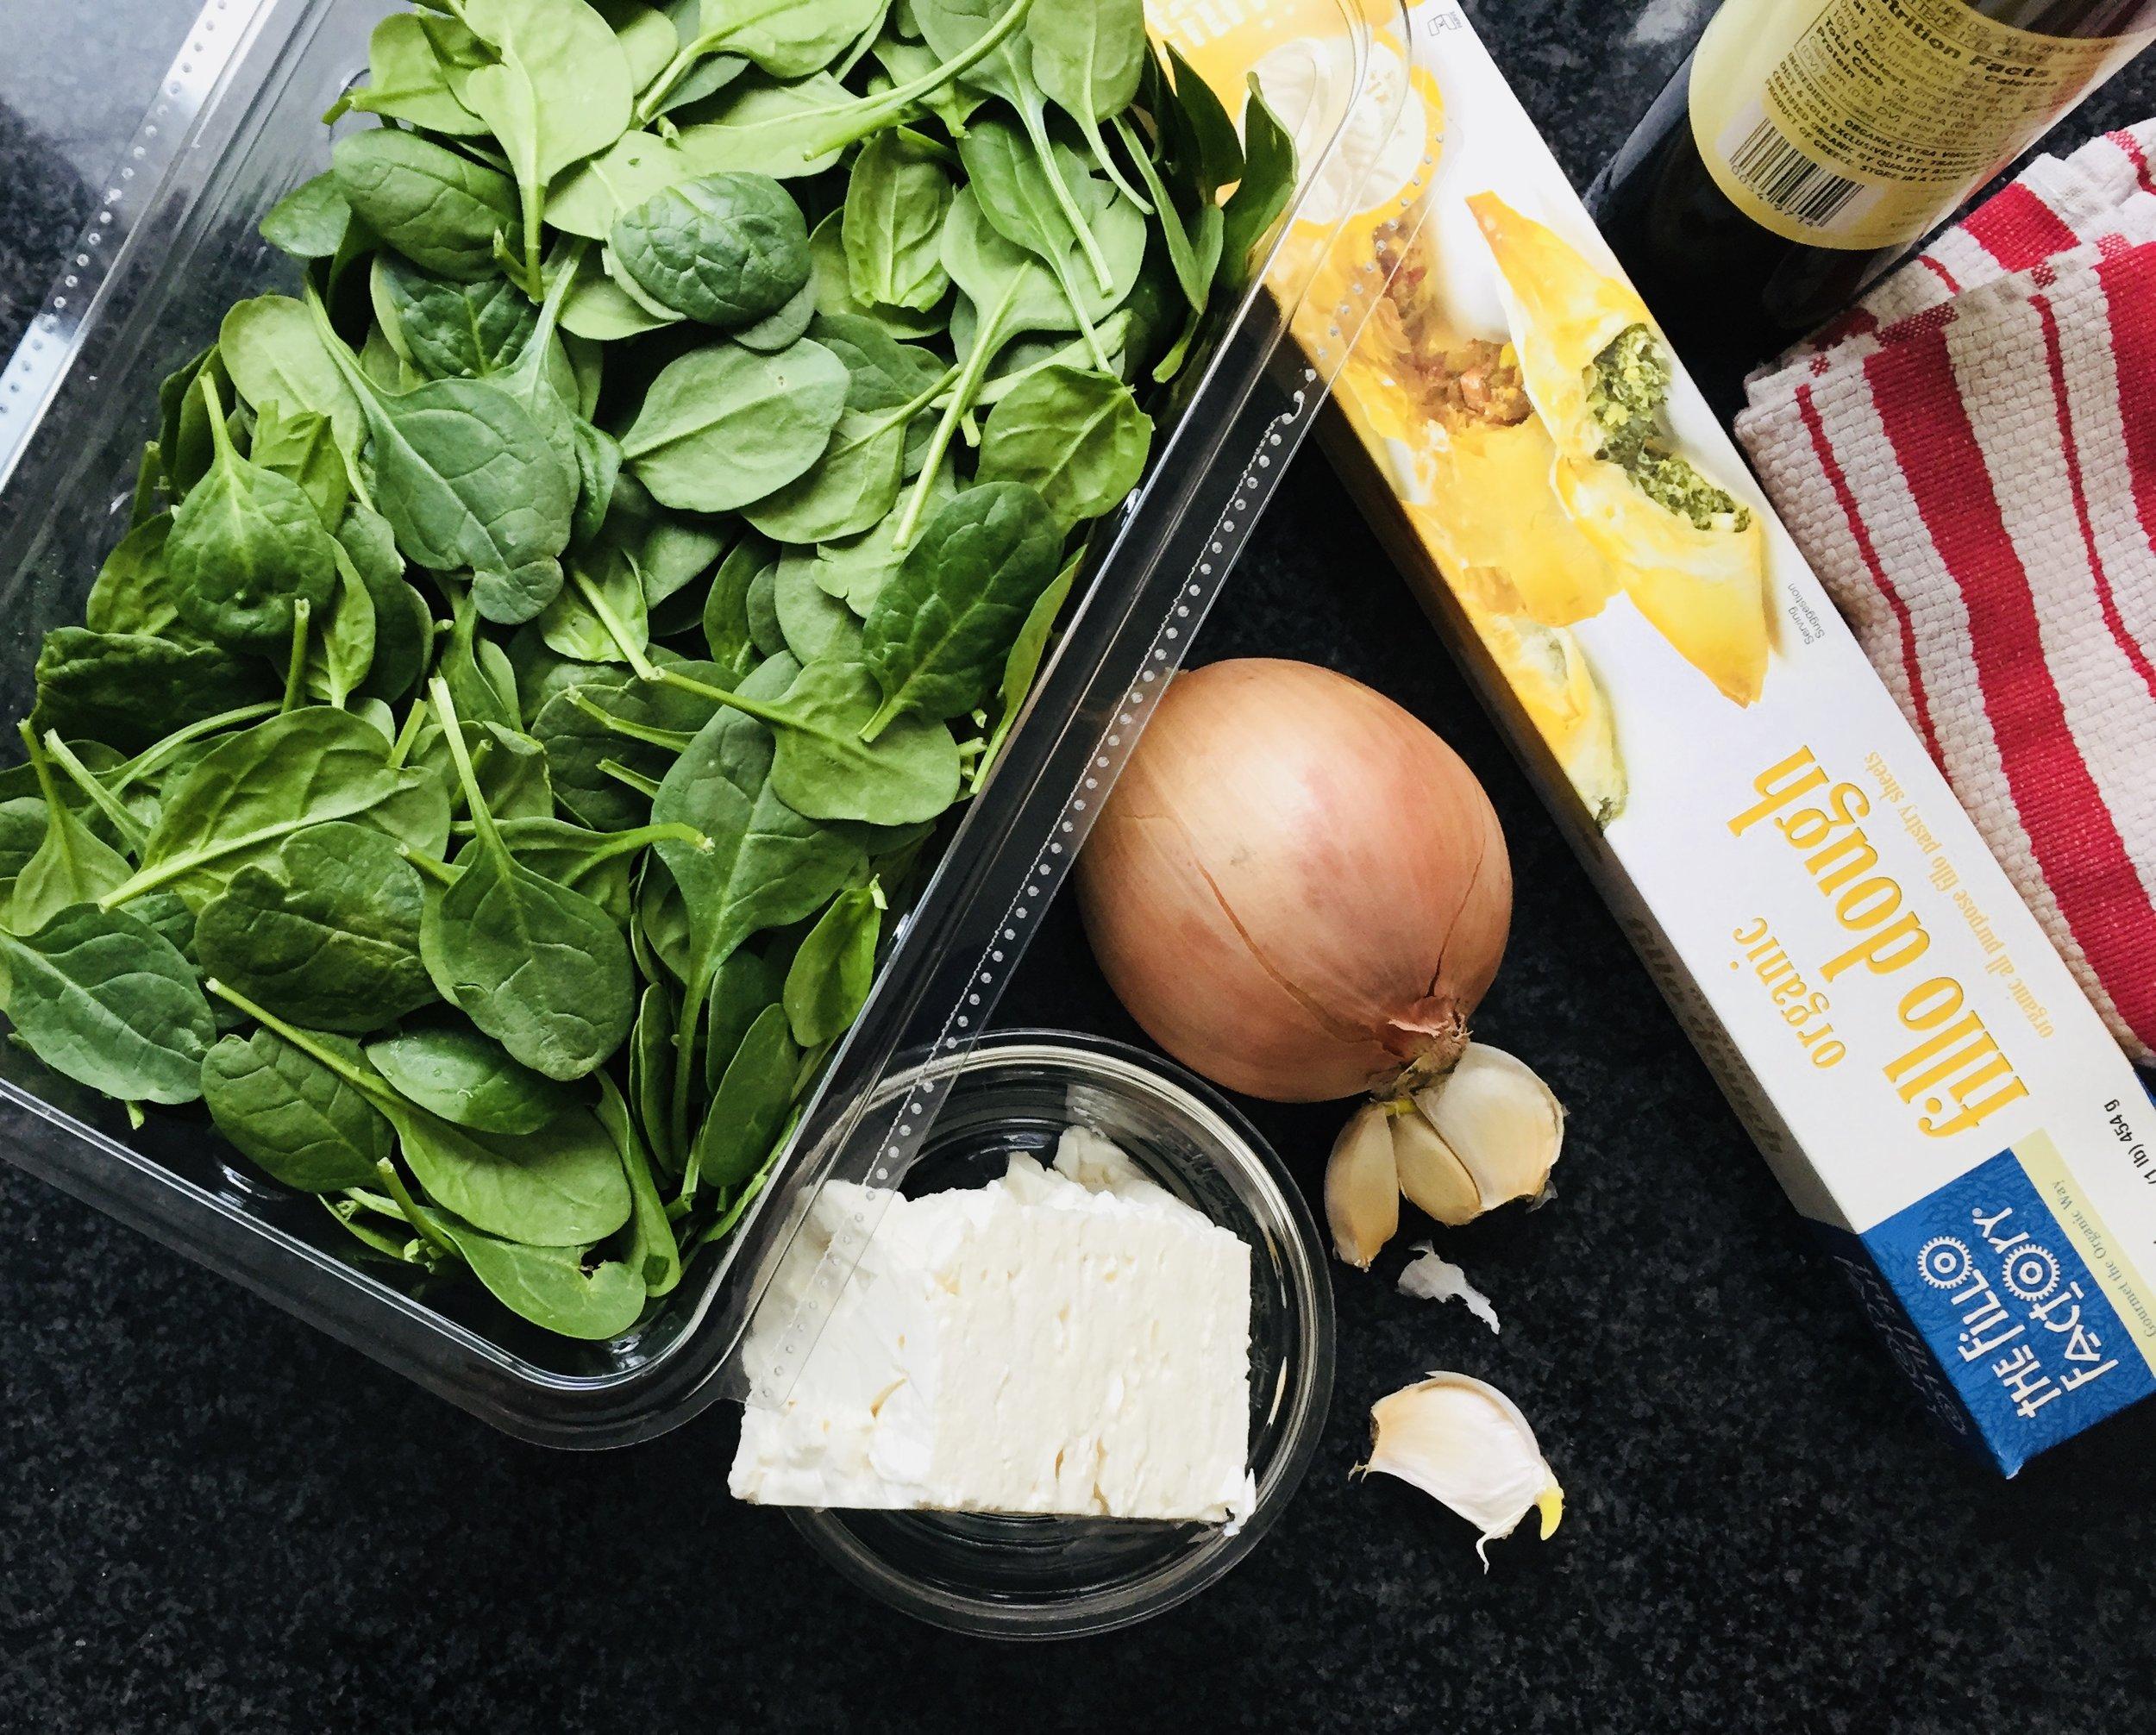 Spinach, onion, filo, garlic, olive oil and feta